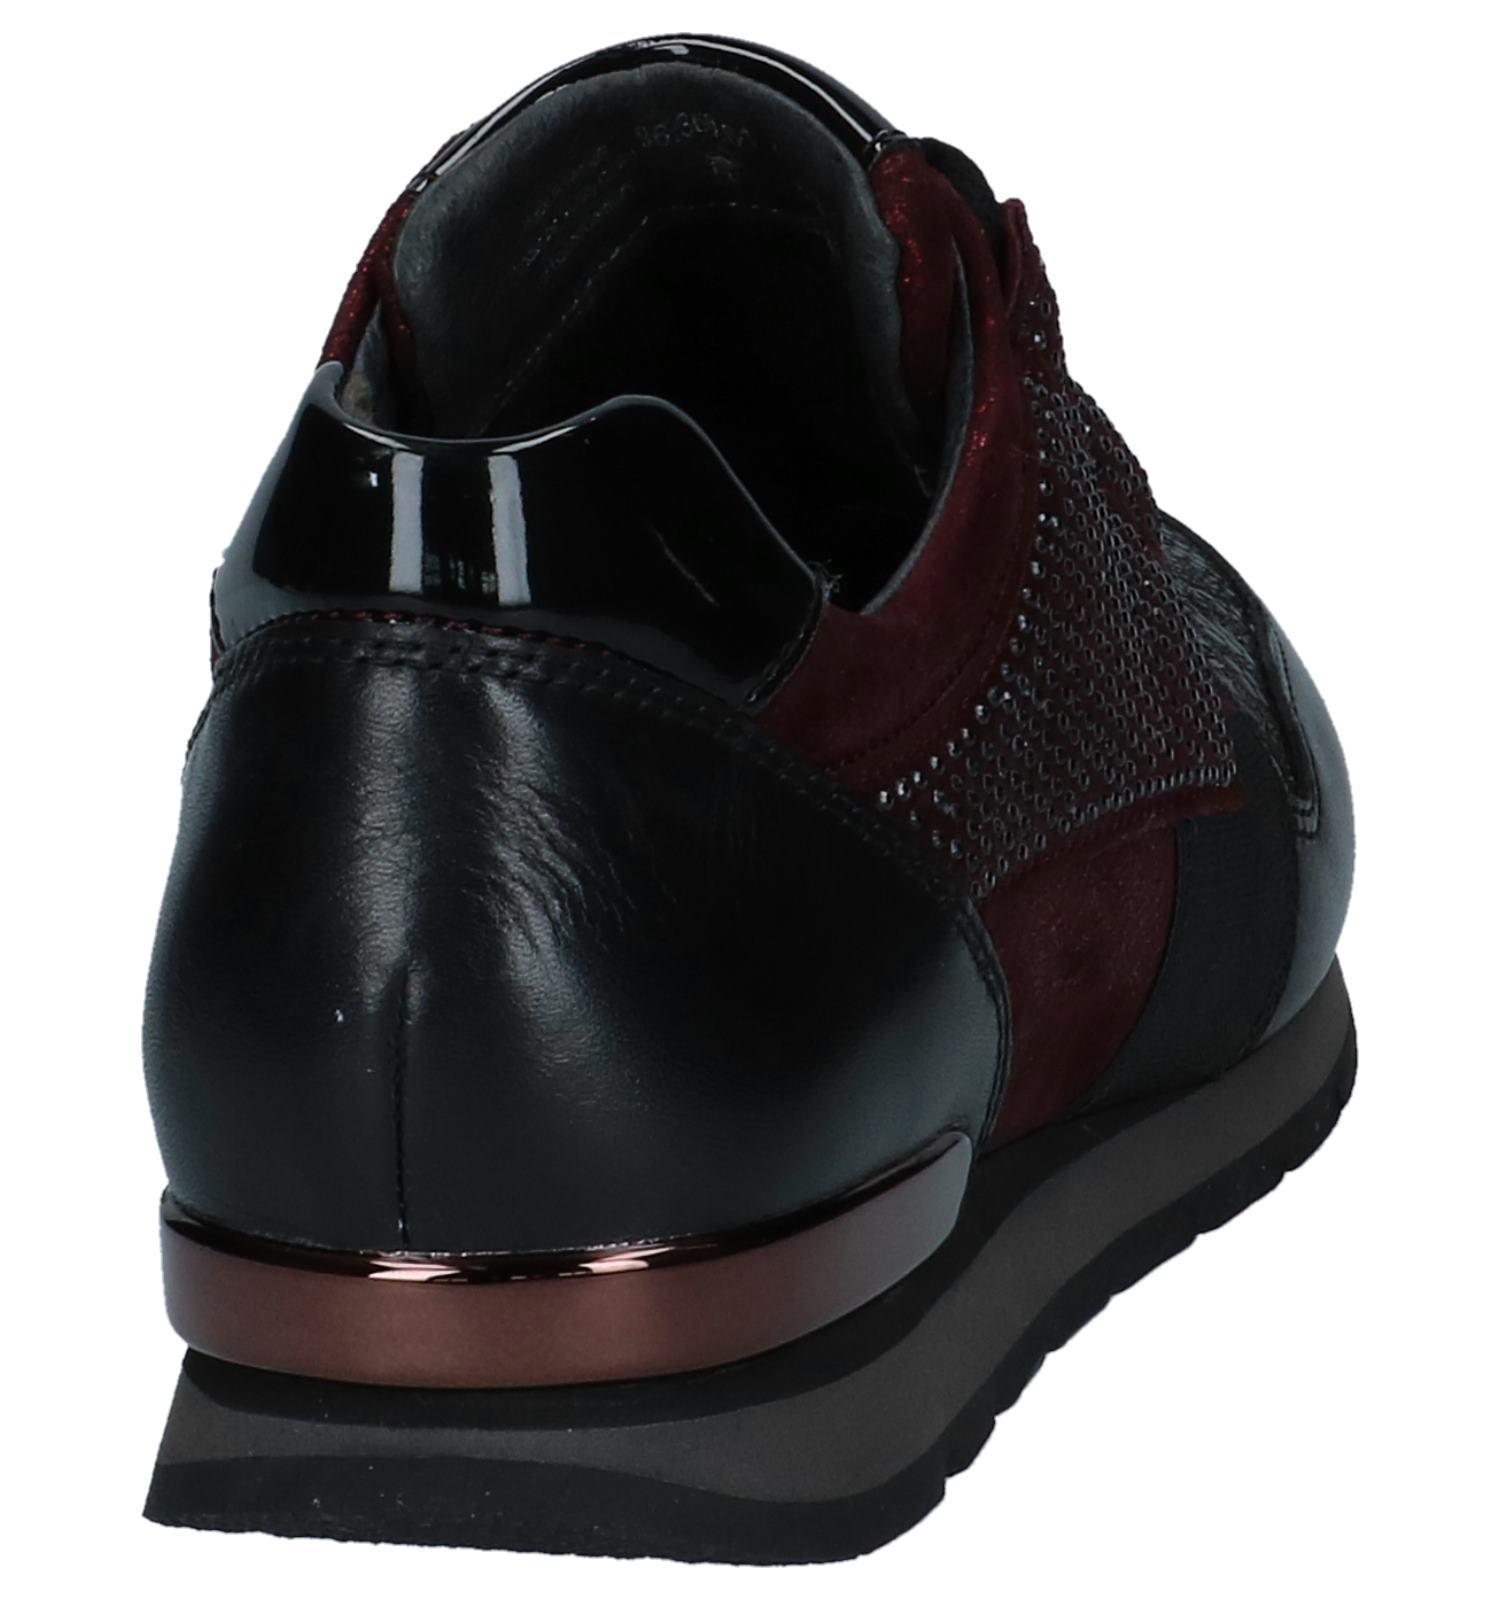 Bordeaux Geklede Sneakers Gabor Comfort | SCHOENENTORFS.NL